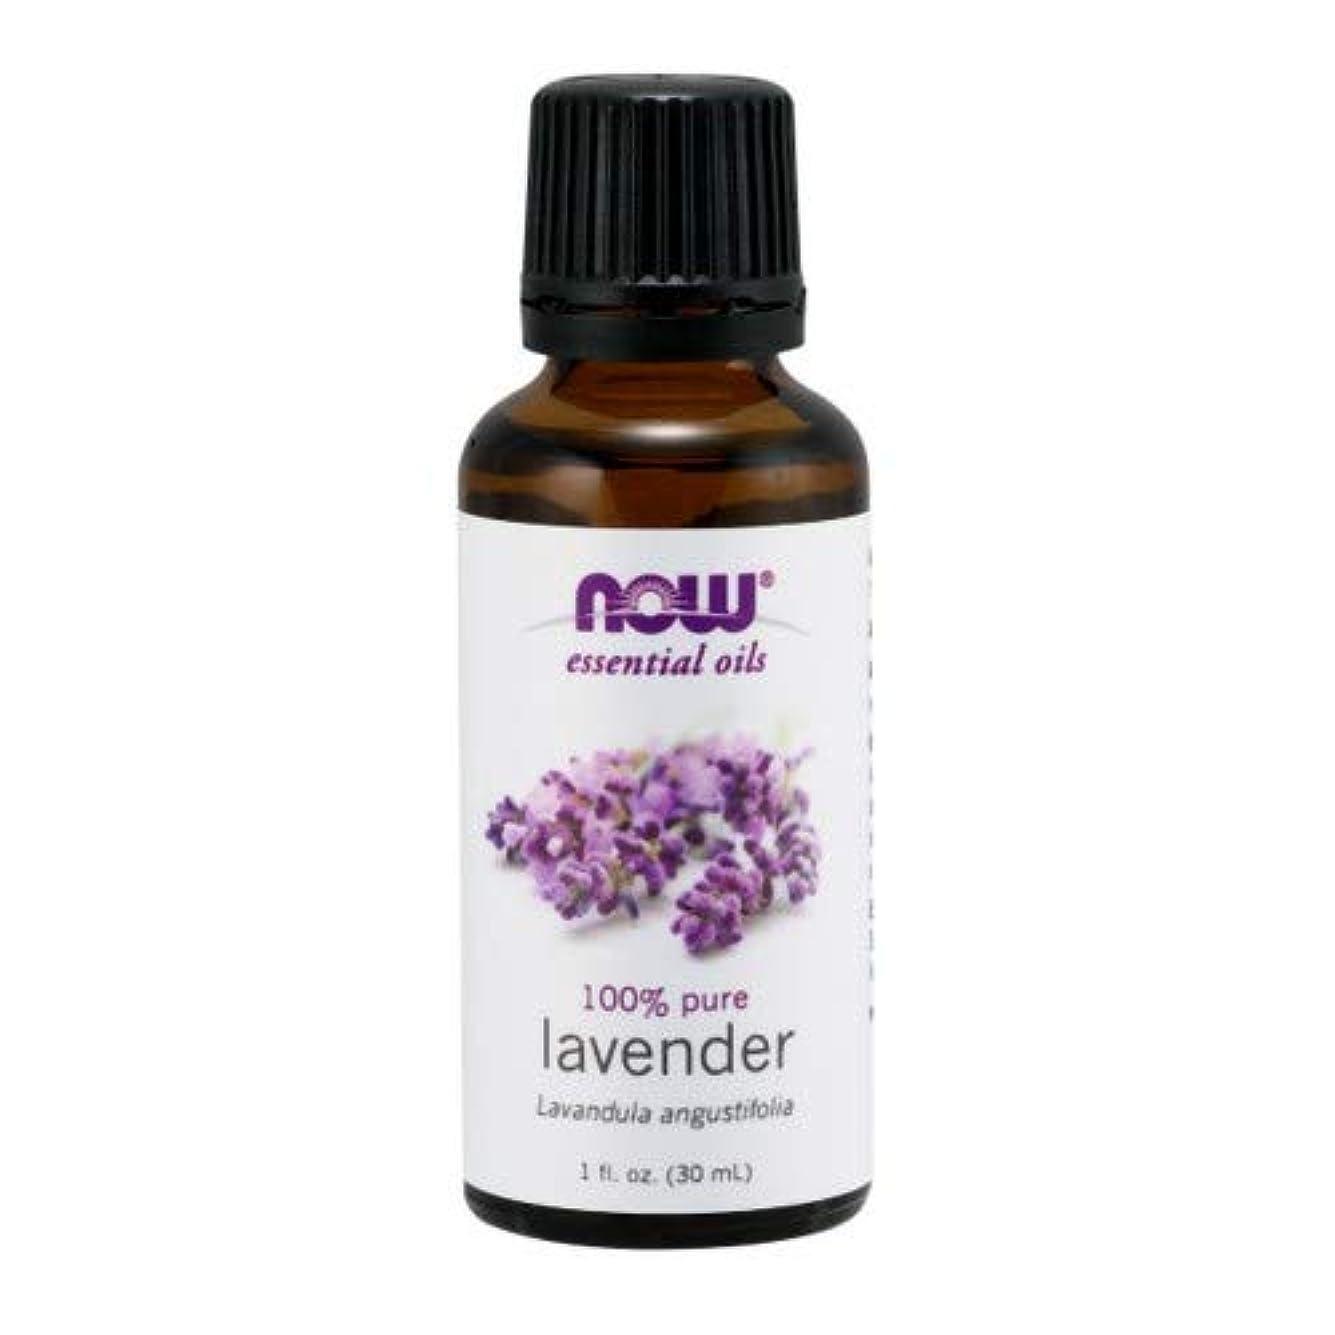 プレゼン財布奇跡的なエッセンシャルオイル ラベンダーオイル 30ml 2個セット ナウフーズ 並行輸入品 NOW Foods Essential Oils Lavender 1 oz Pack of 2